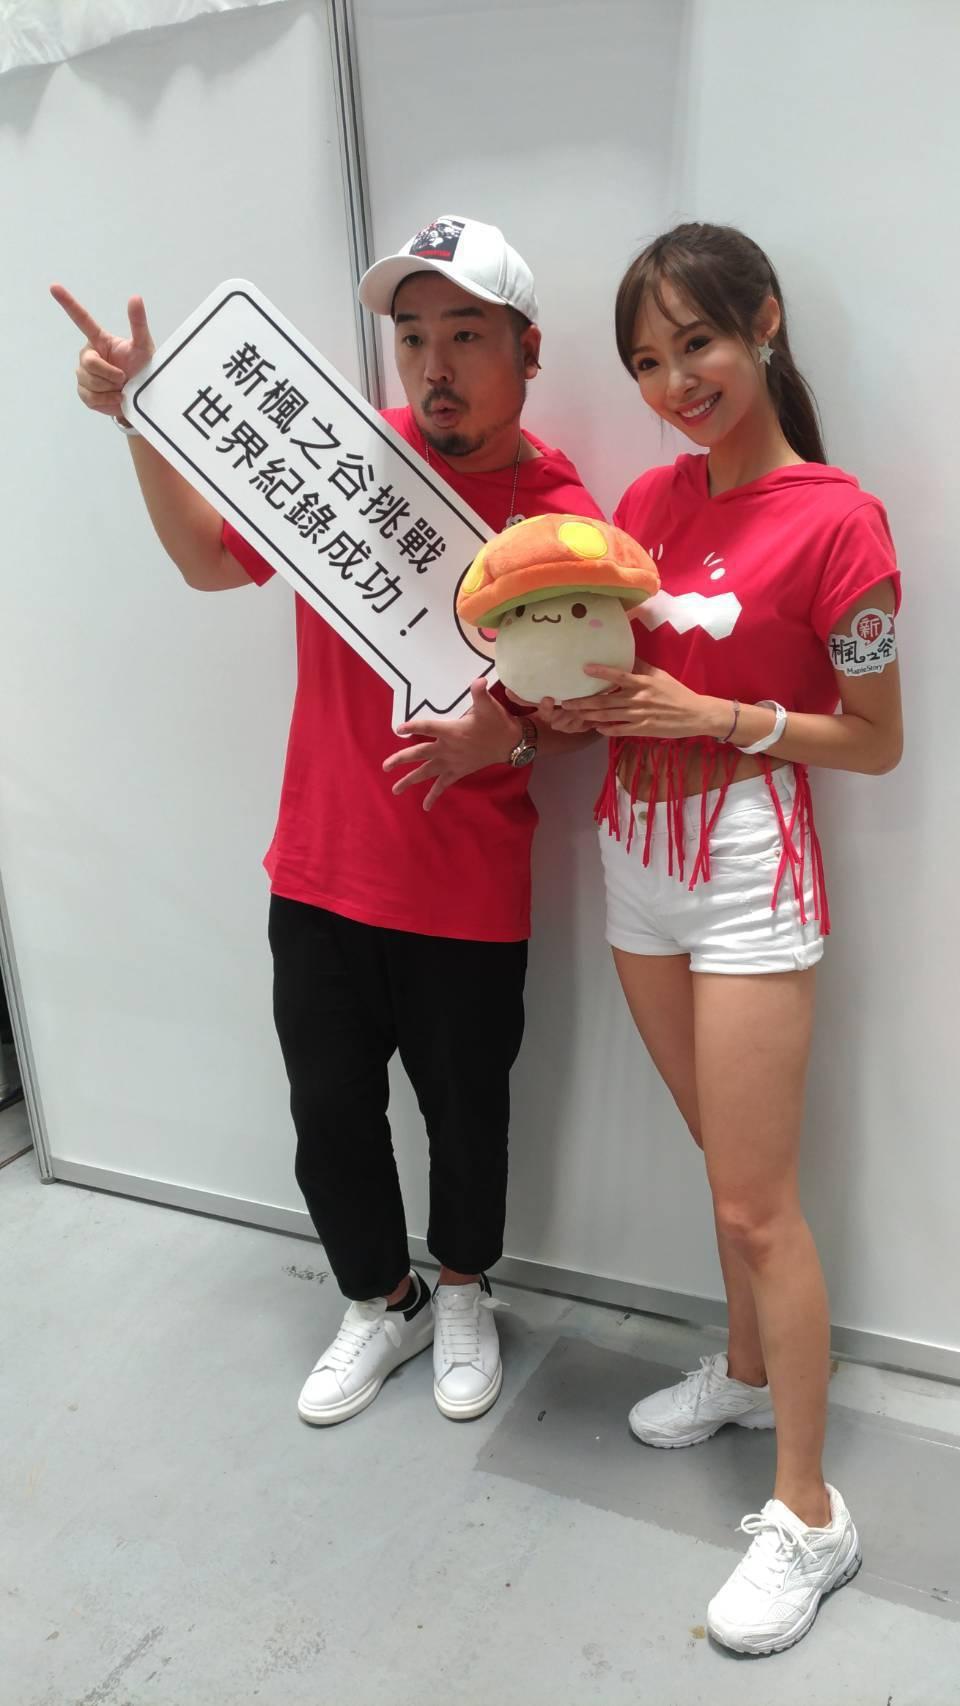 阿達和茵茵今天一起挑戰金氏世界紀錄。記者李姿瑩/攝影